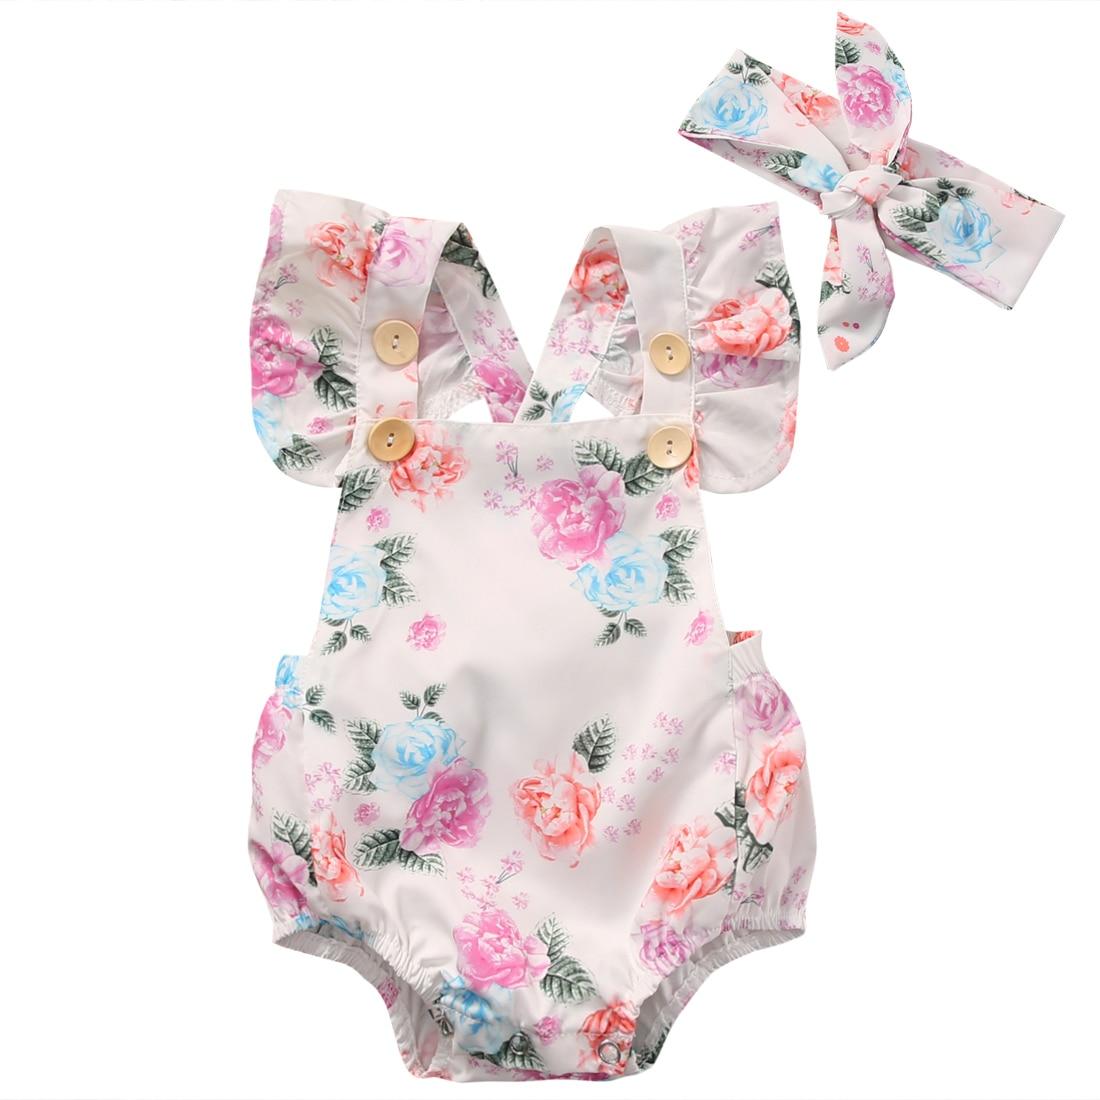 Newborn Infant Baby Girl Bodysuit Floral Romper Jumpsuit Outfits Sunsuit Clothes